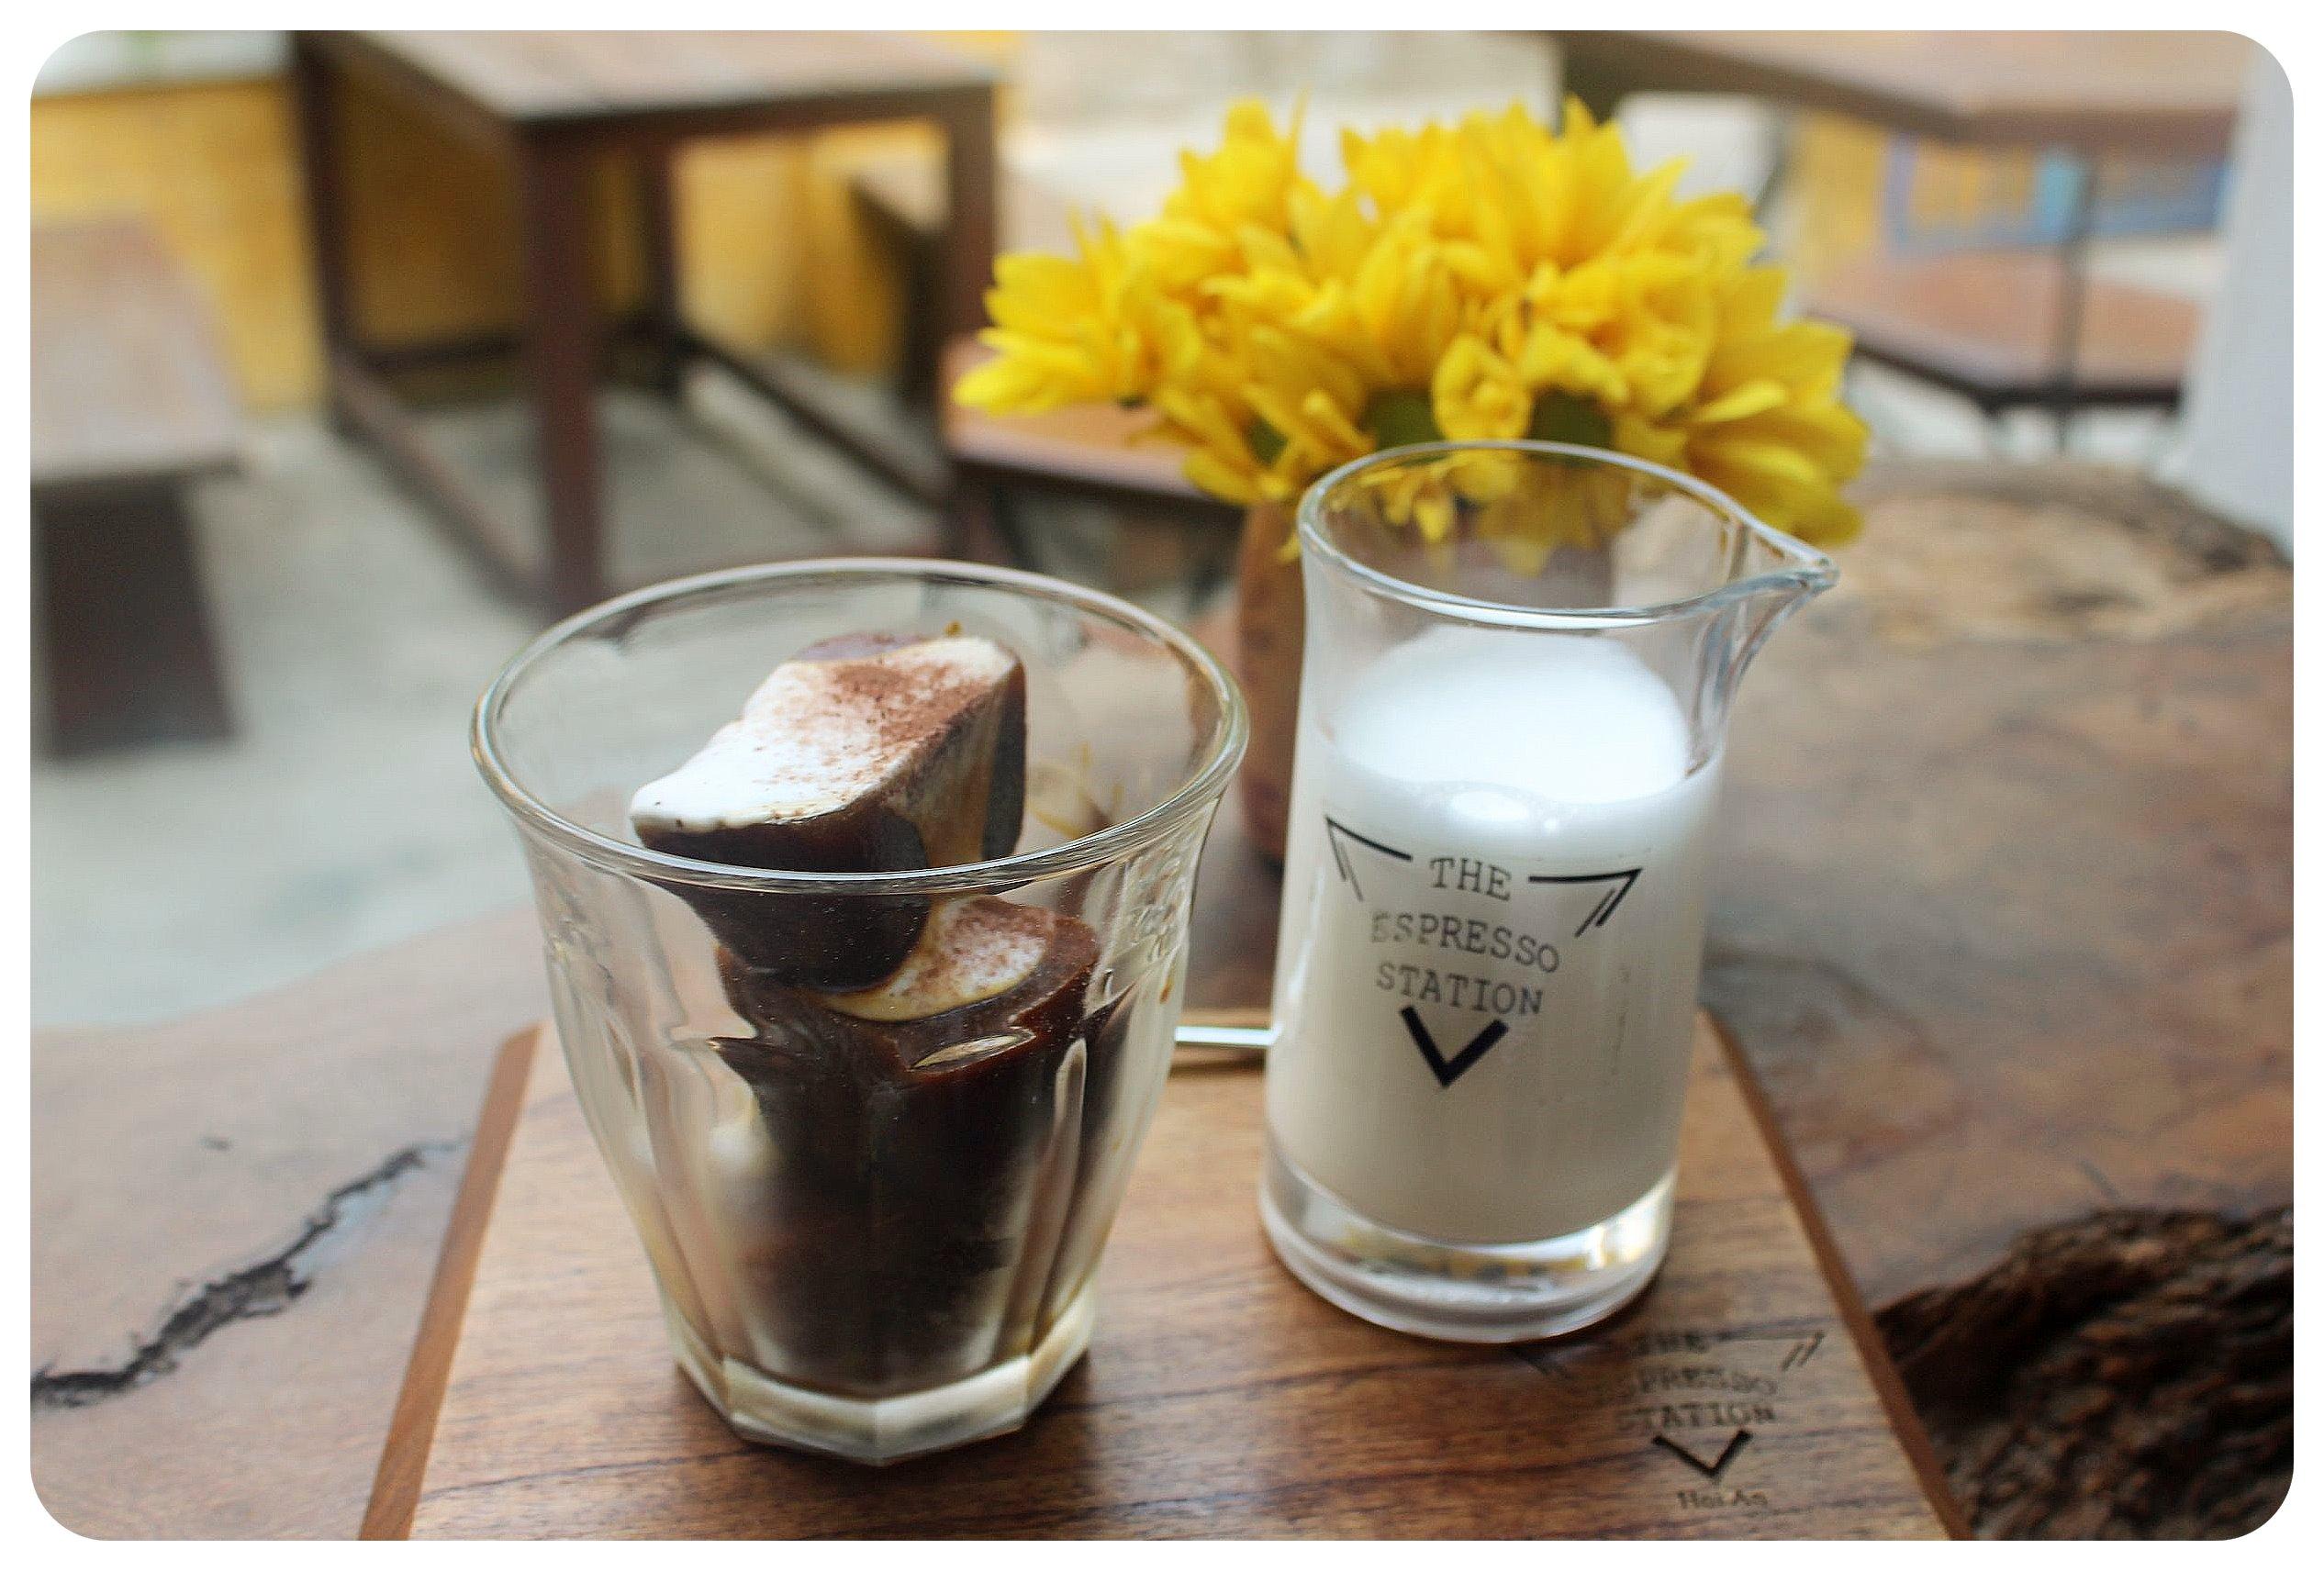 vietnam hoi an espresso station